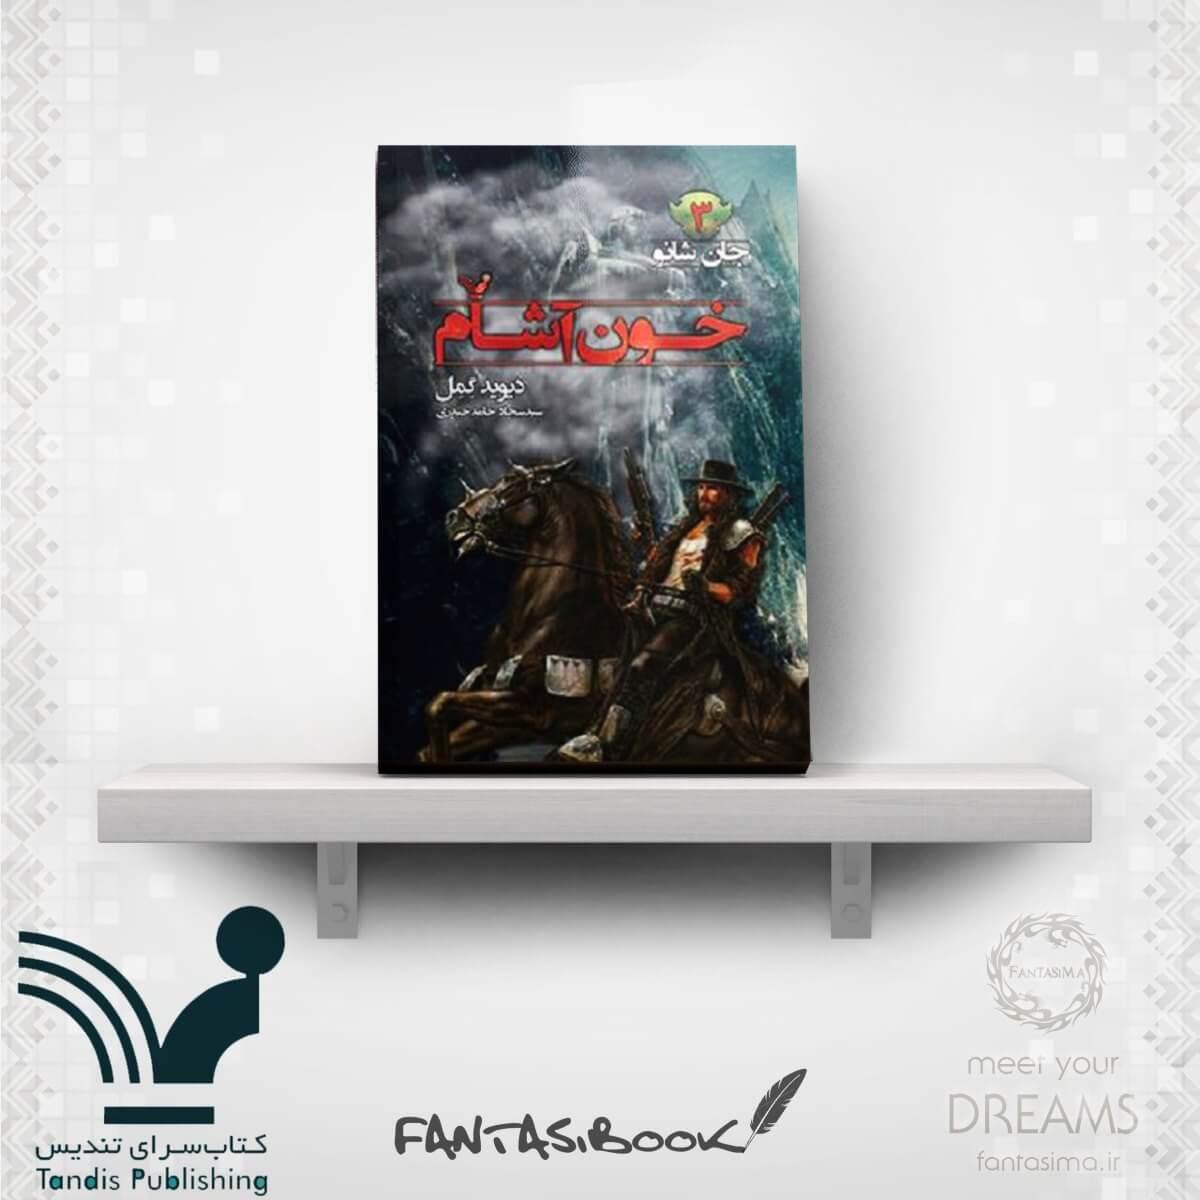 کتاب جان شانو - جلد 3 - خونآشام